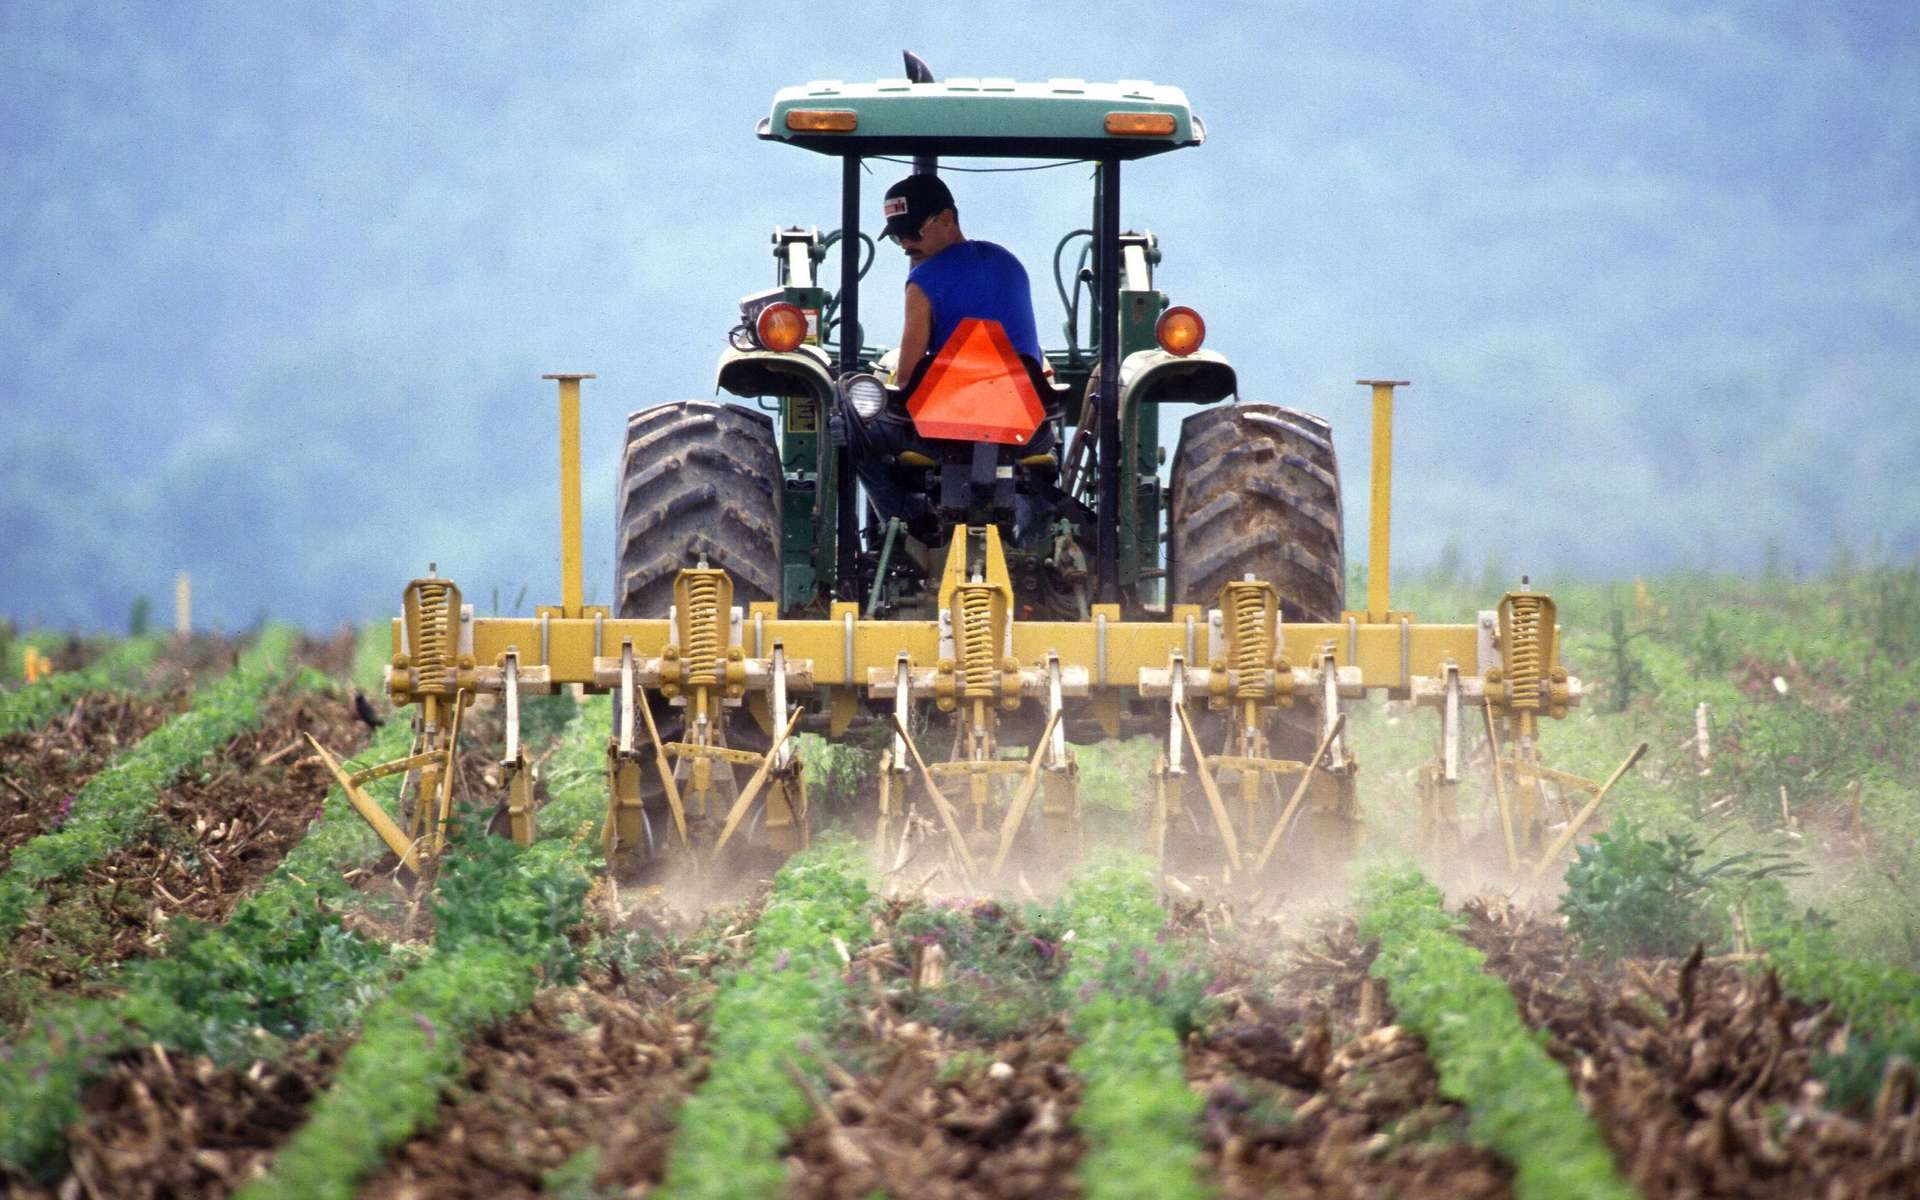 Les agriculteurs font des efforts pour améliorer leurs pratiques et limiter la quantité de produits phytosanitaires. © Flickr